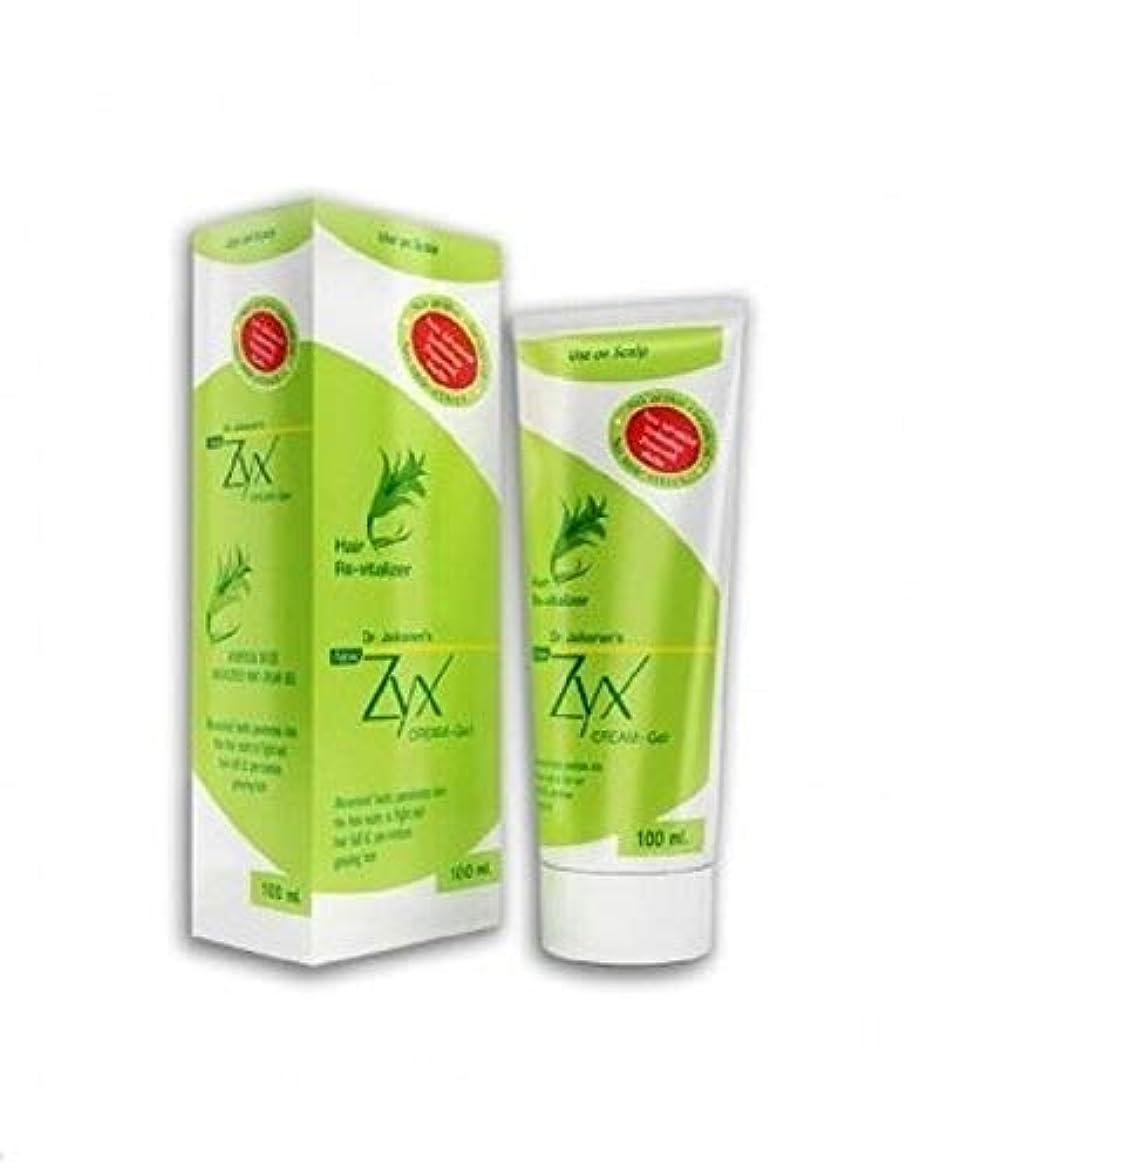 安らぎ自伝いつかHair Cream Gel Zyx ヘアクリームジェル 100ml 100% Natural for prevention of Hair related problems 髪の毛の問題を予防するための100%ナチュラル